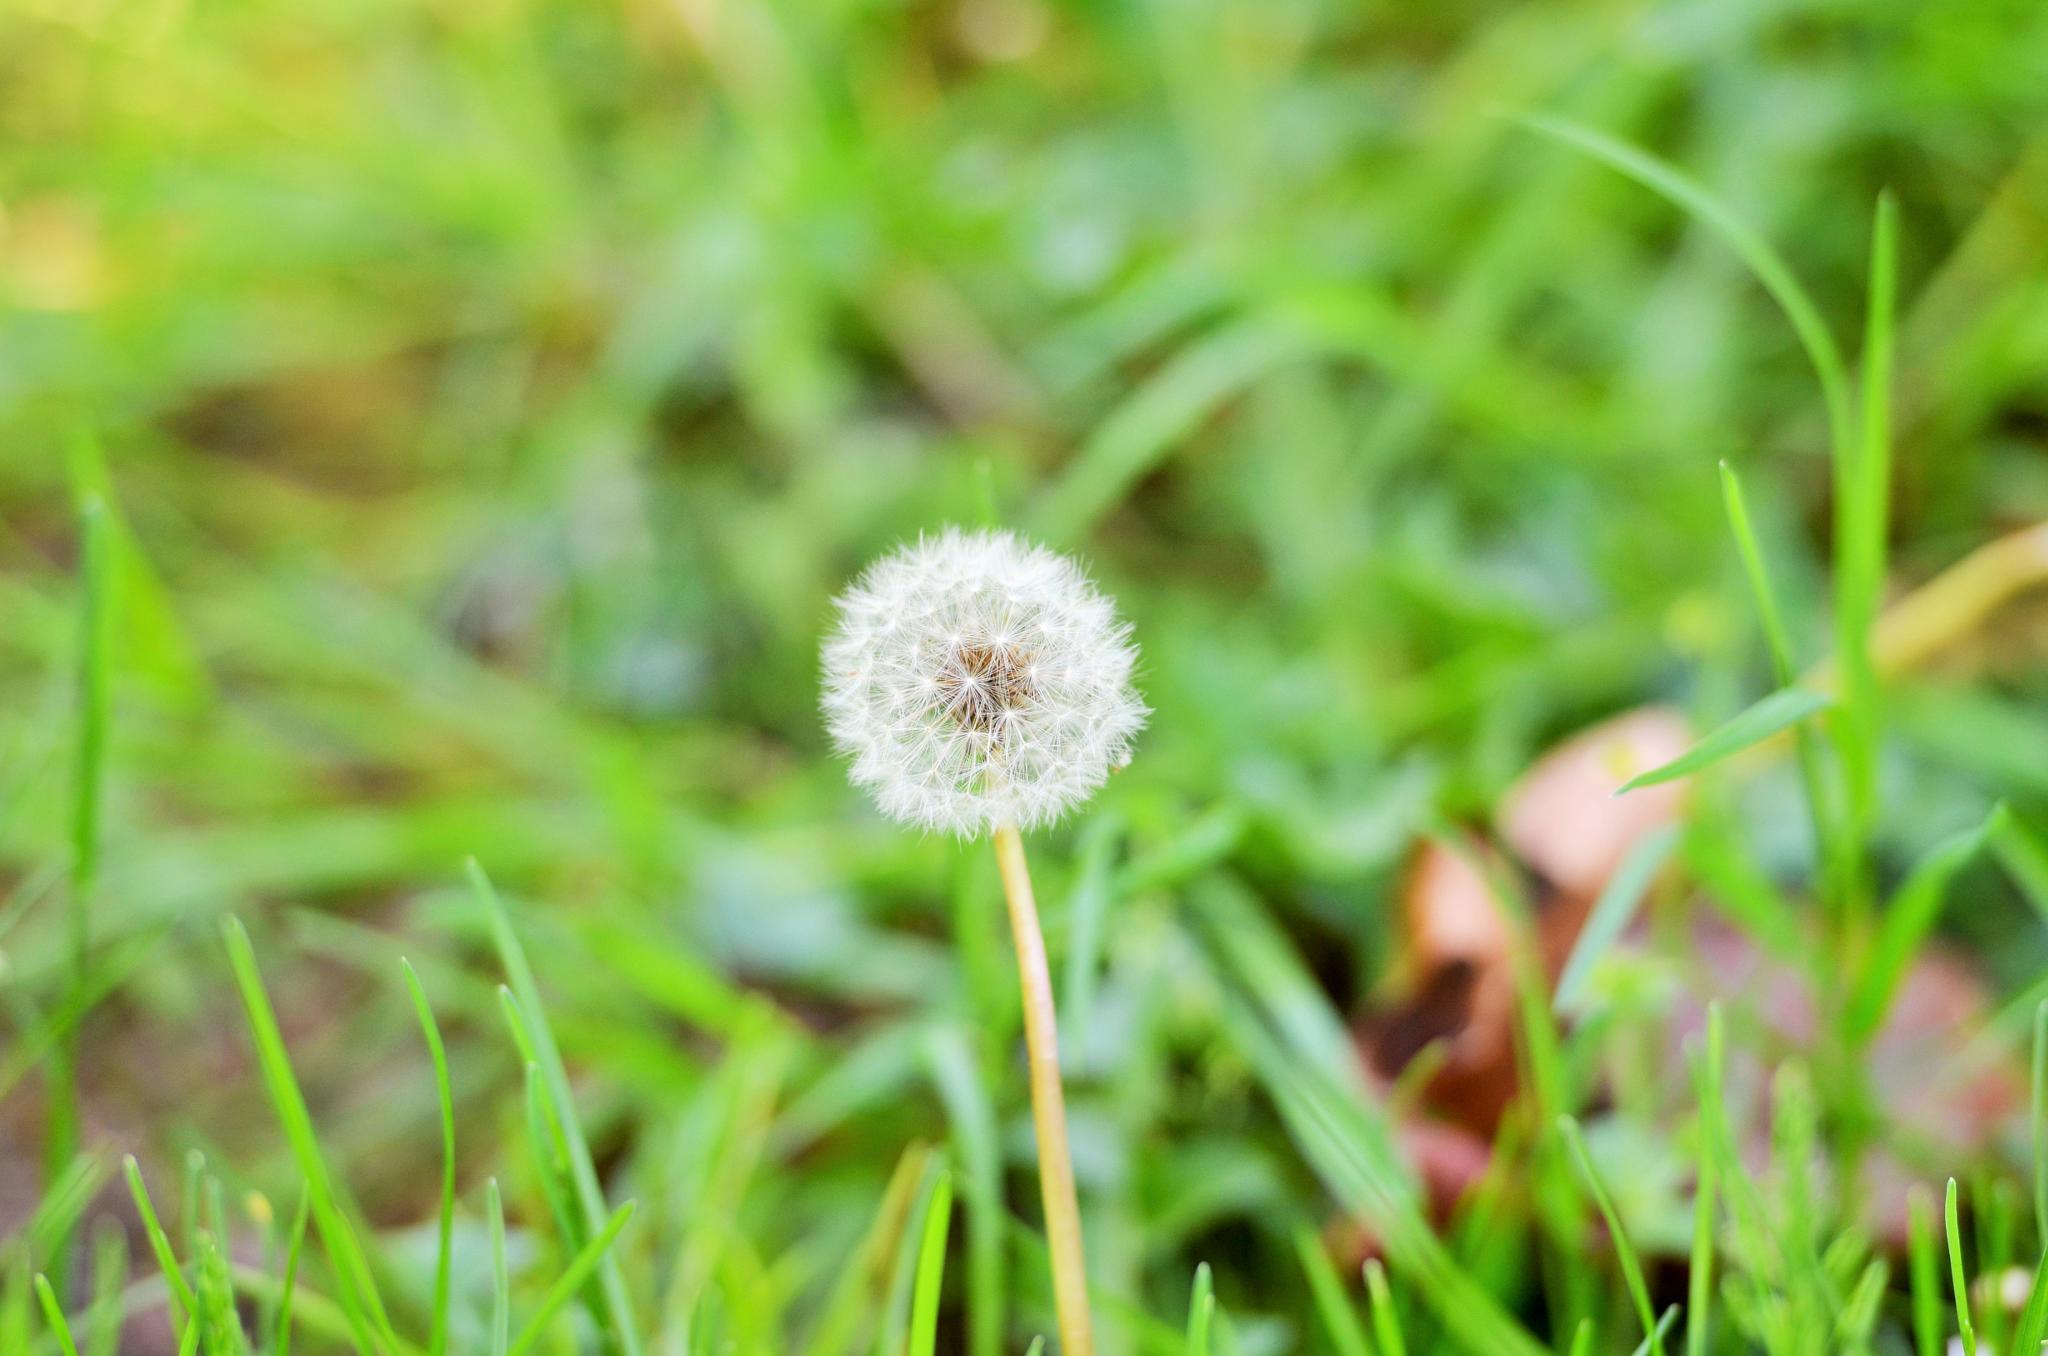 Single Dandelion by Boonietunes